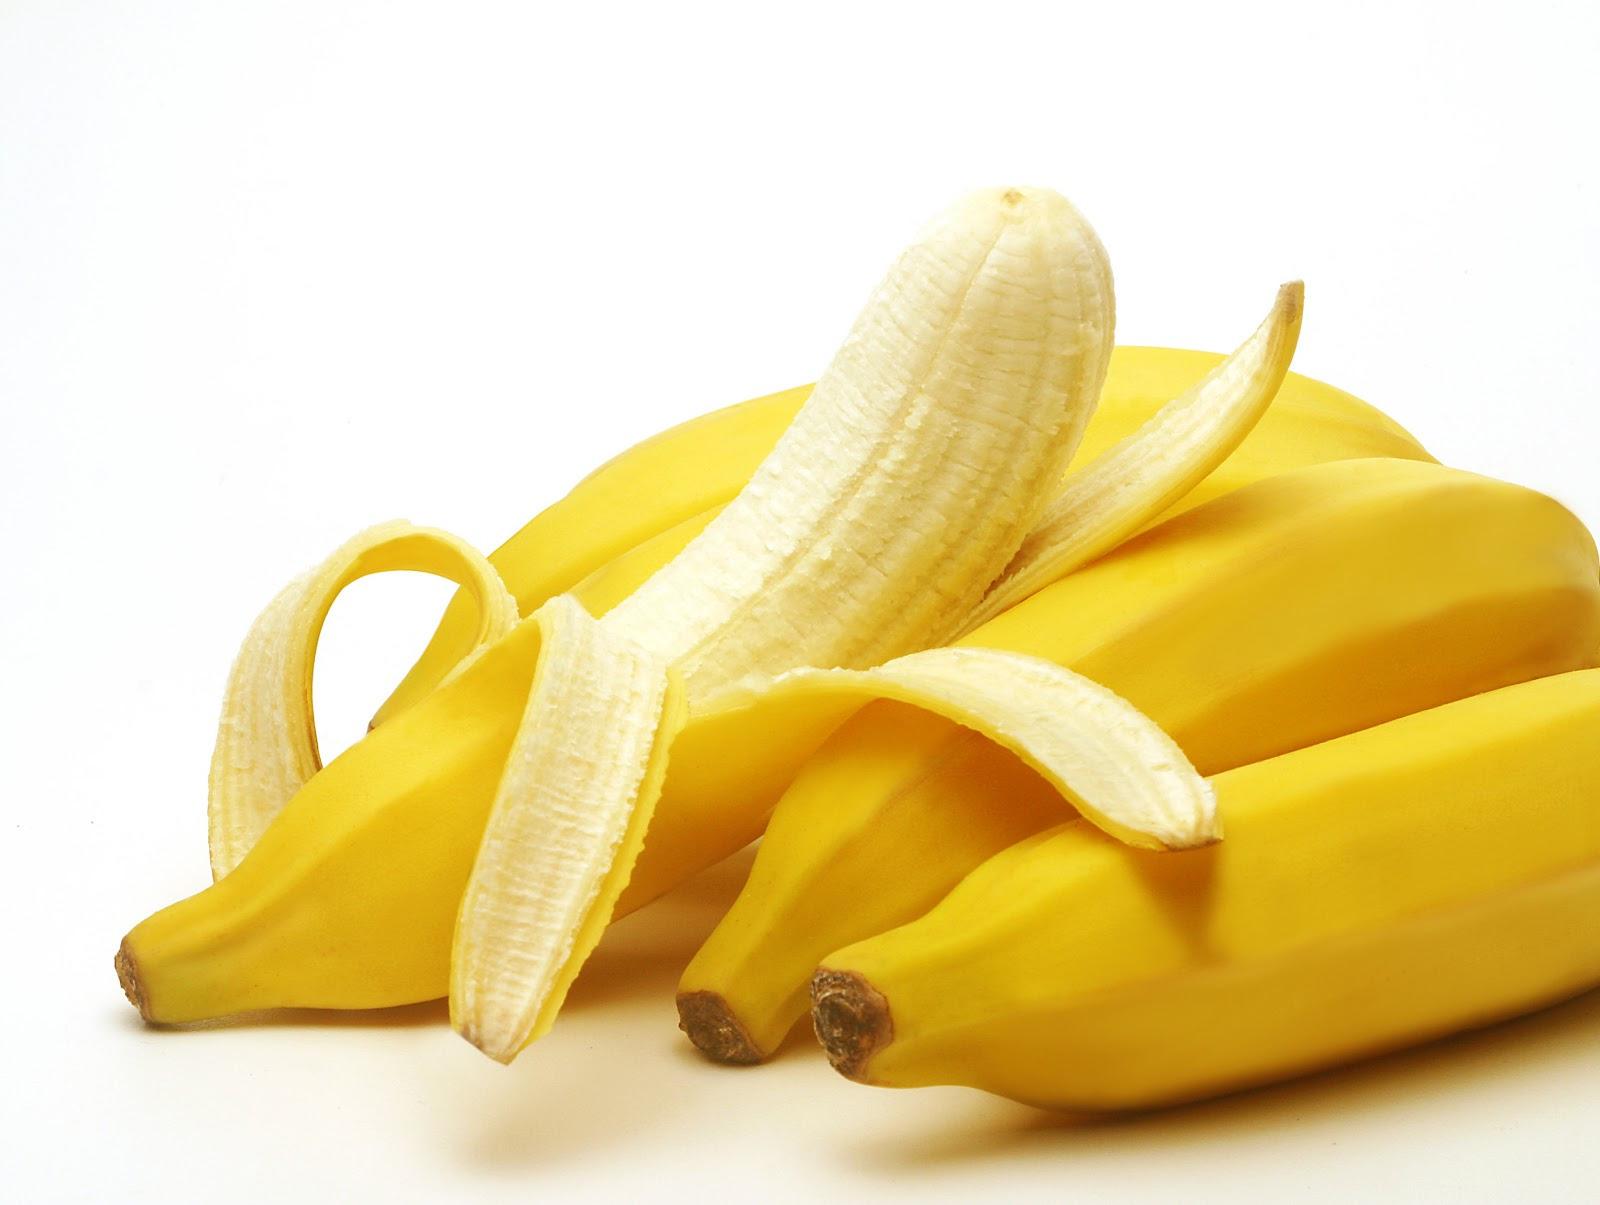 Qué ganas al comer la cáscara de plátano? - Periódico El Sol COLOMBIA